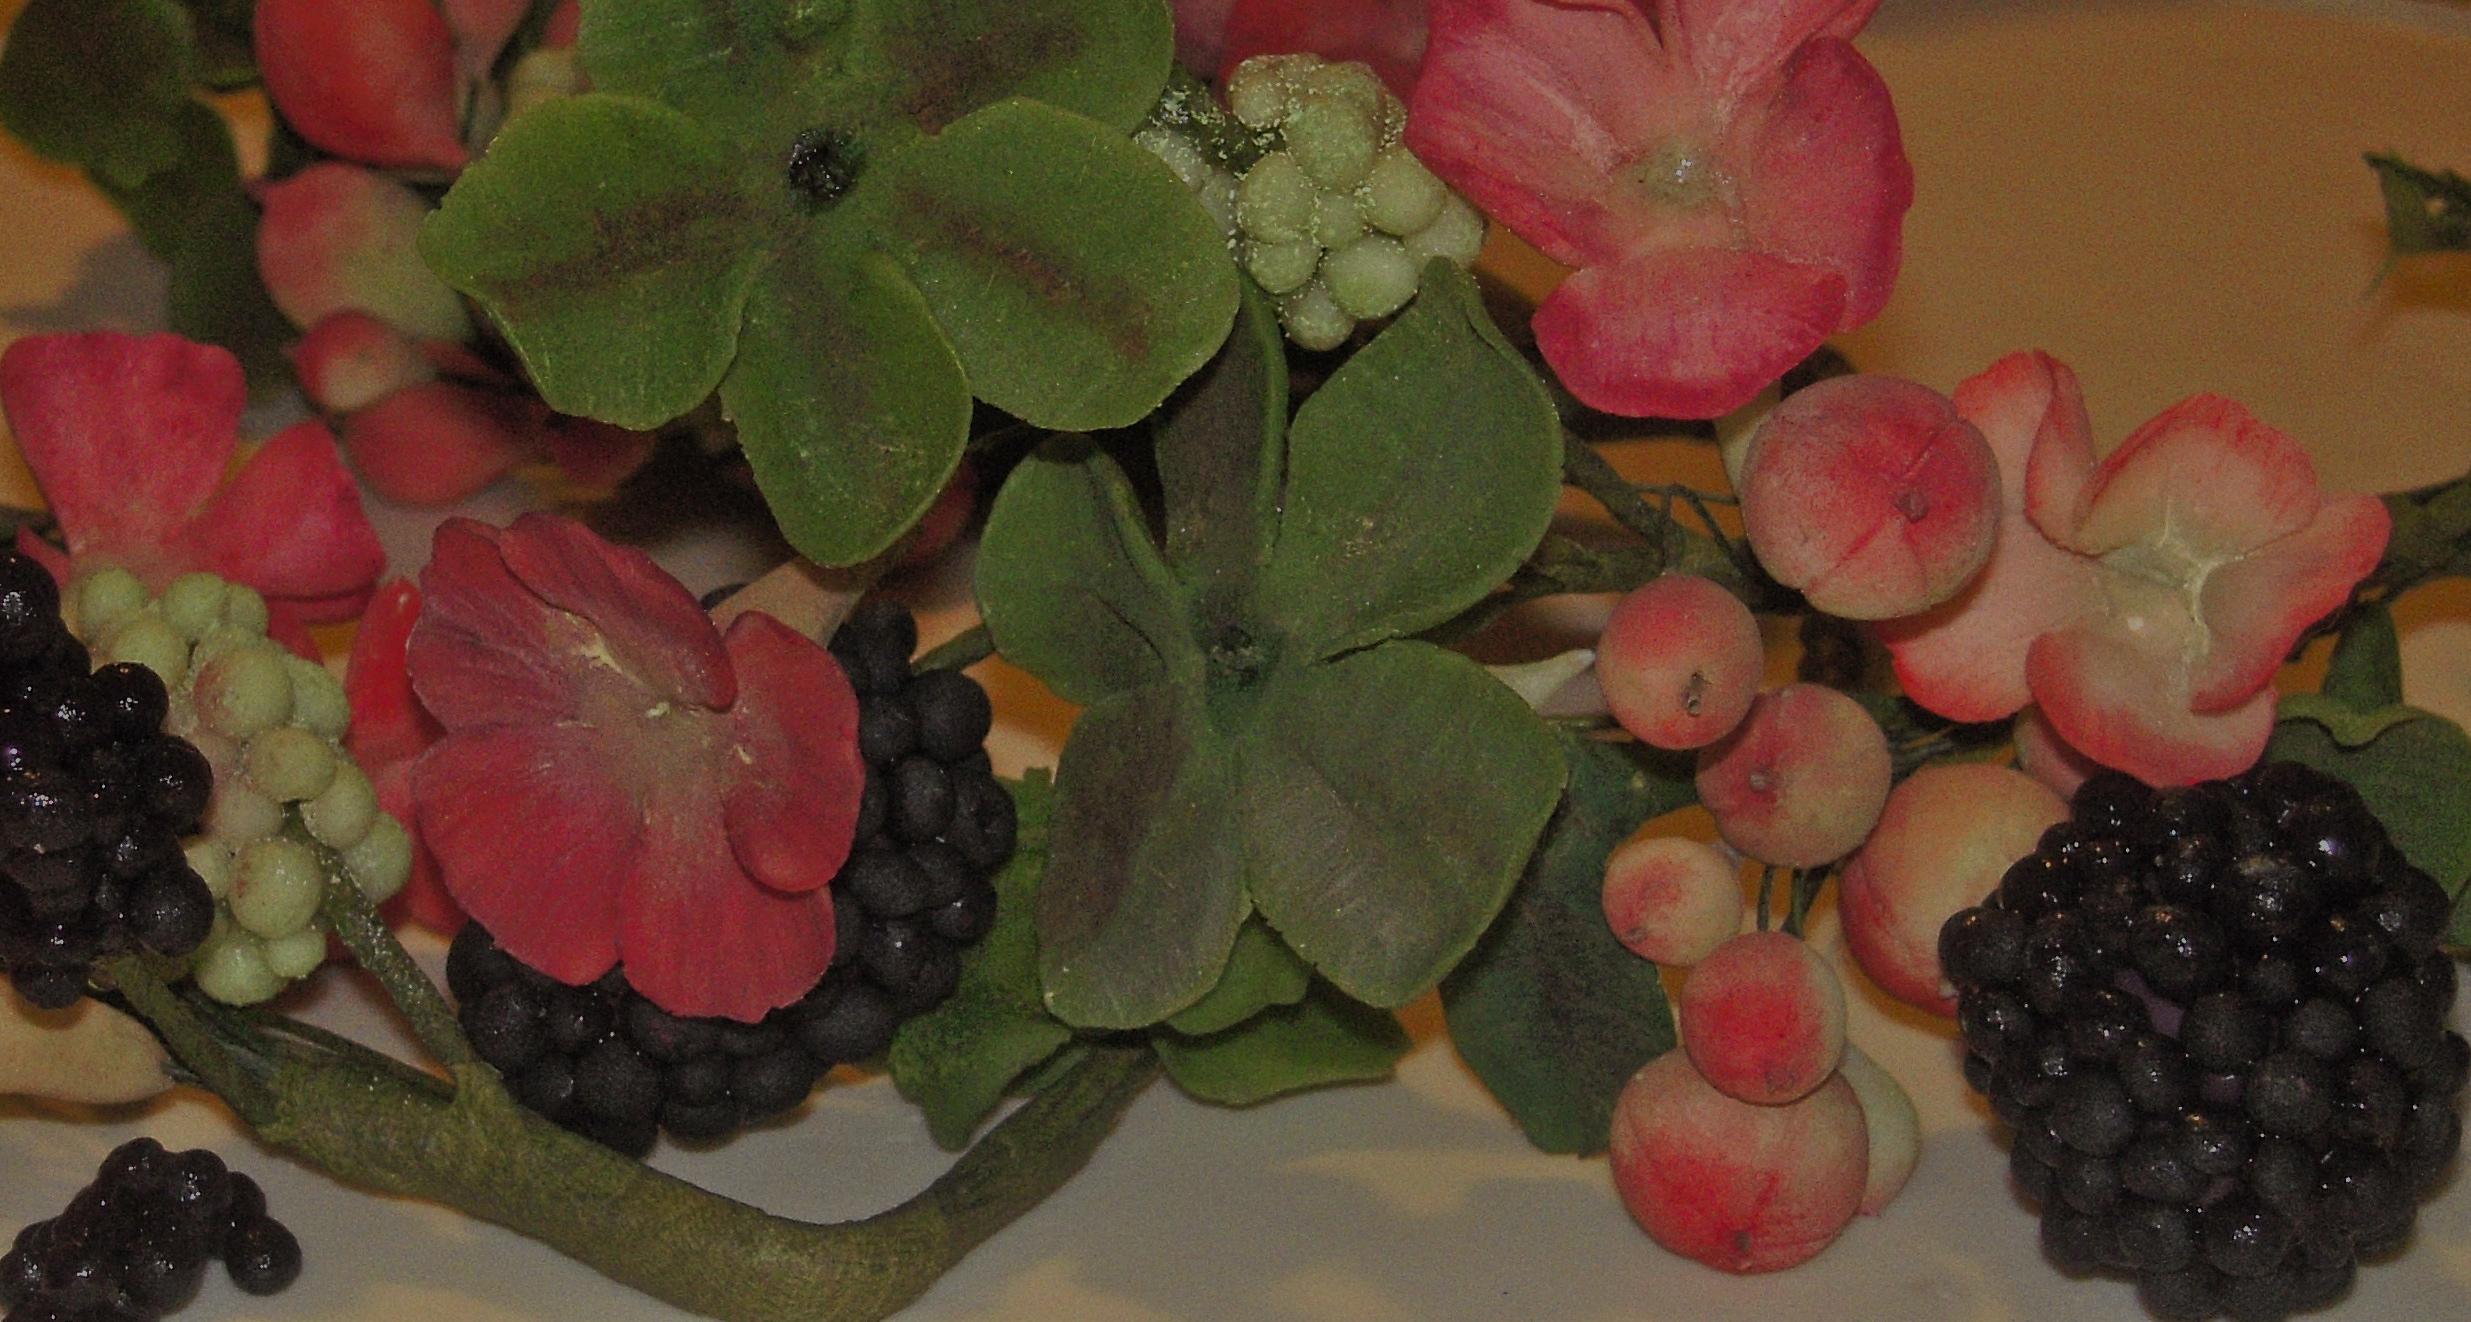 Dettaglio fiori more iberico e foglie